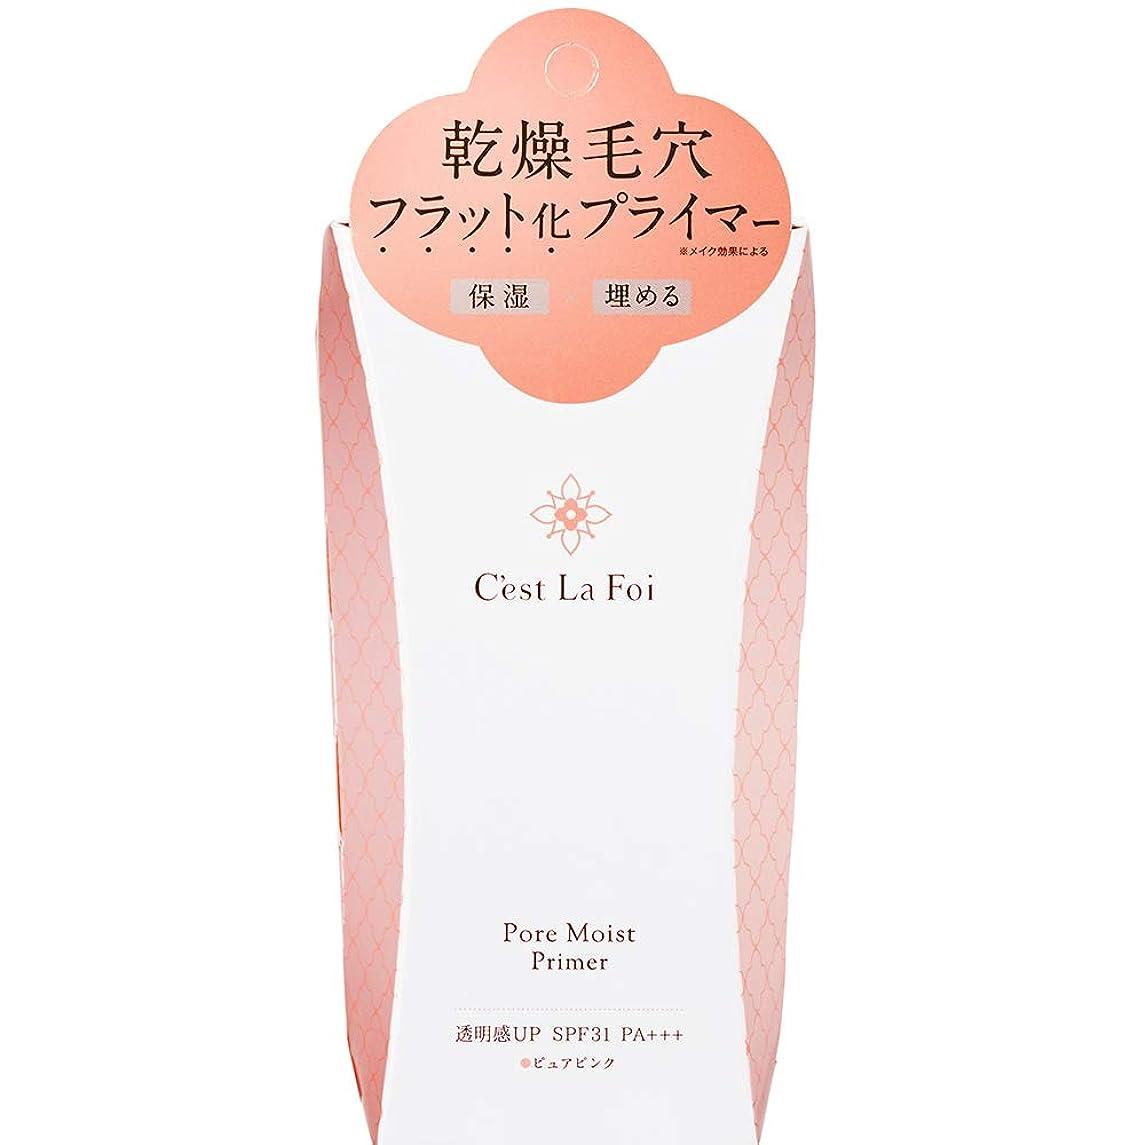 平手打ちボーナス合体乾燥毛穴フラット化 保湿&埋めるのW効果 潤いながら毛穴みえない肌に セラフォア ポアモイストプライマー